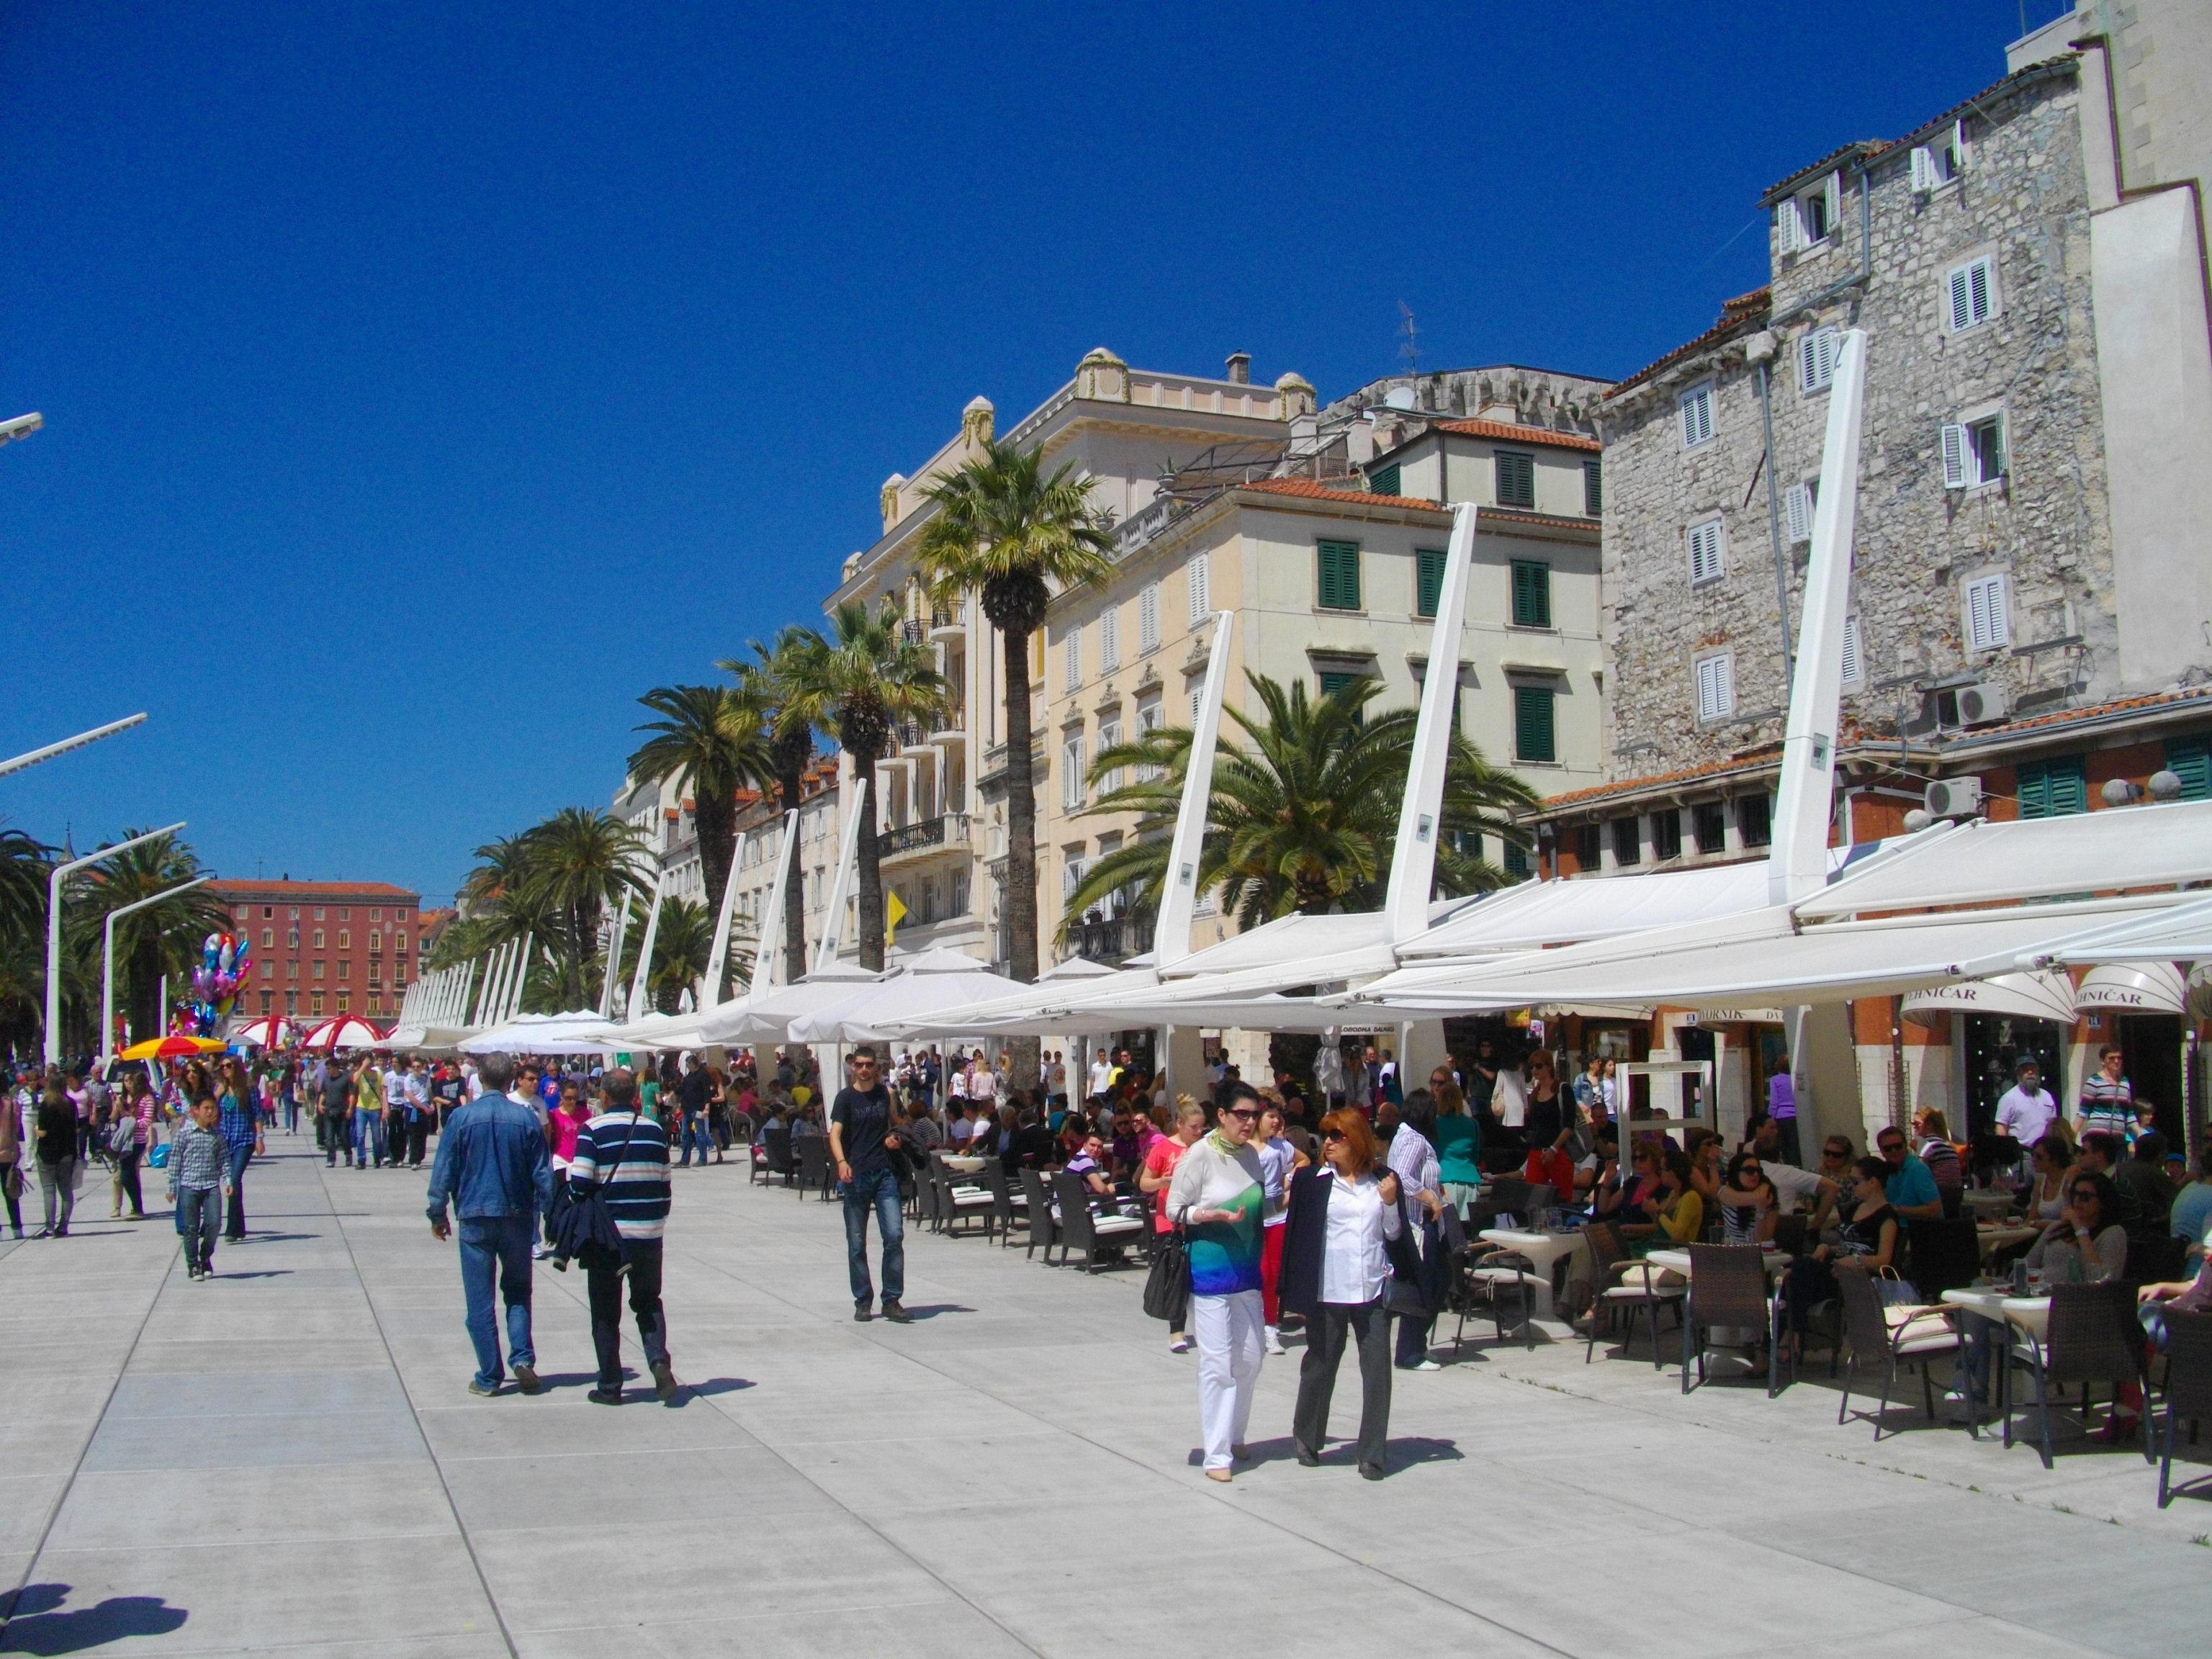 Auf dem Weg zur Mein Schiff 2: die modern gestaltete Uferpromenade Riva